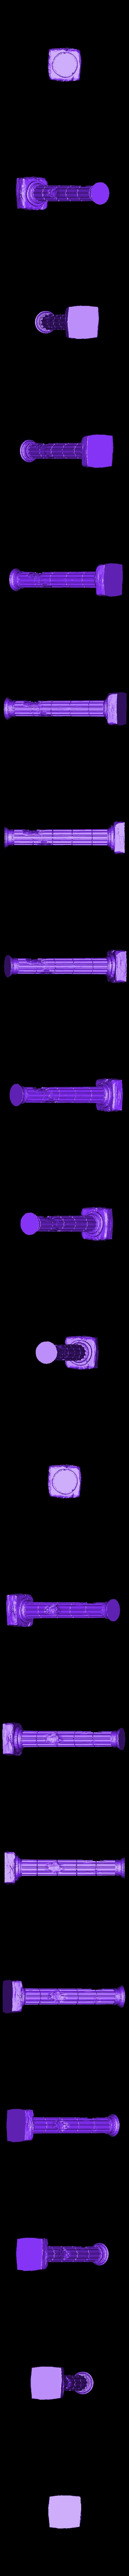 Column_A.stl Télécharger fichier STL gratuit Colonne de ruines romaines/grecques • Plan pour imprimante 3D, DarkRealms